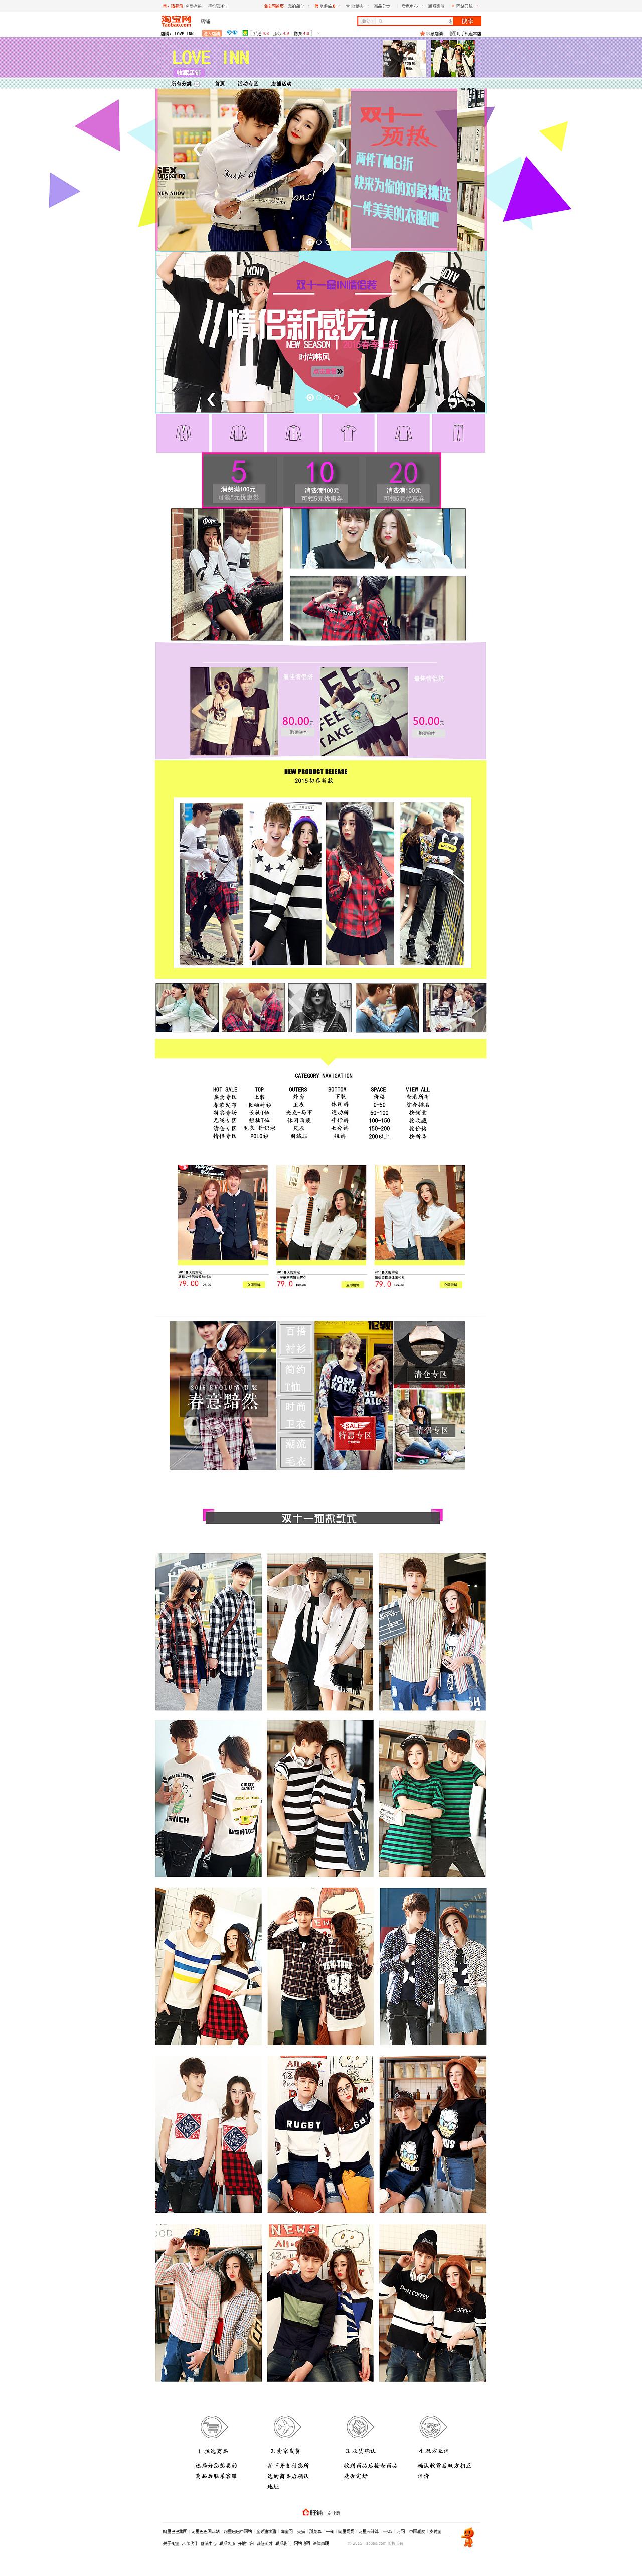 网页设计 淘宝情侣装双十一专题页图片